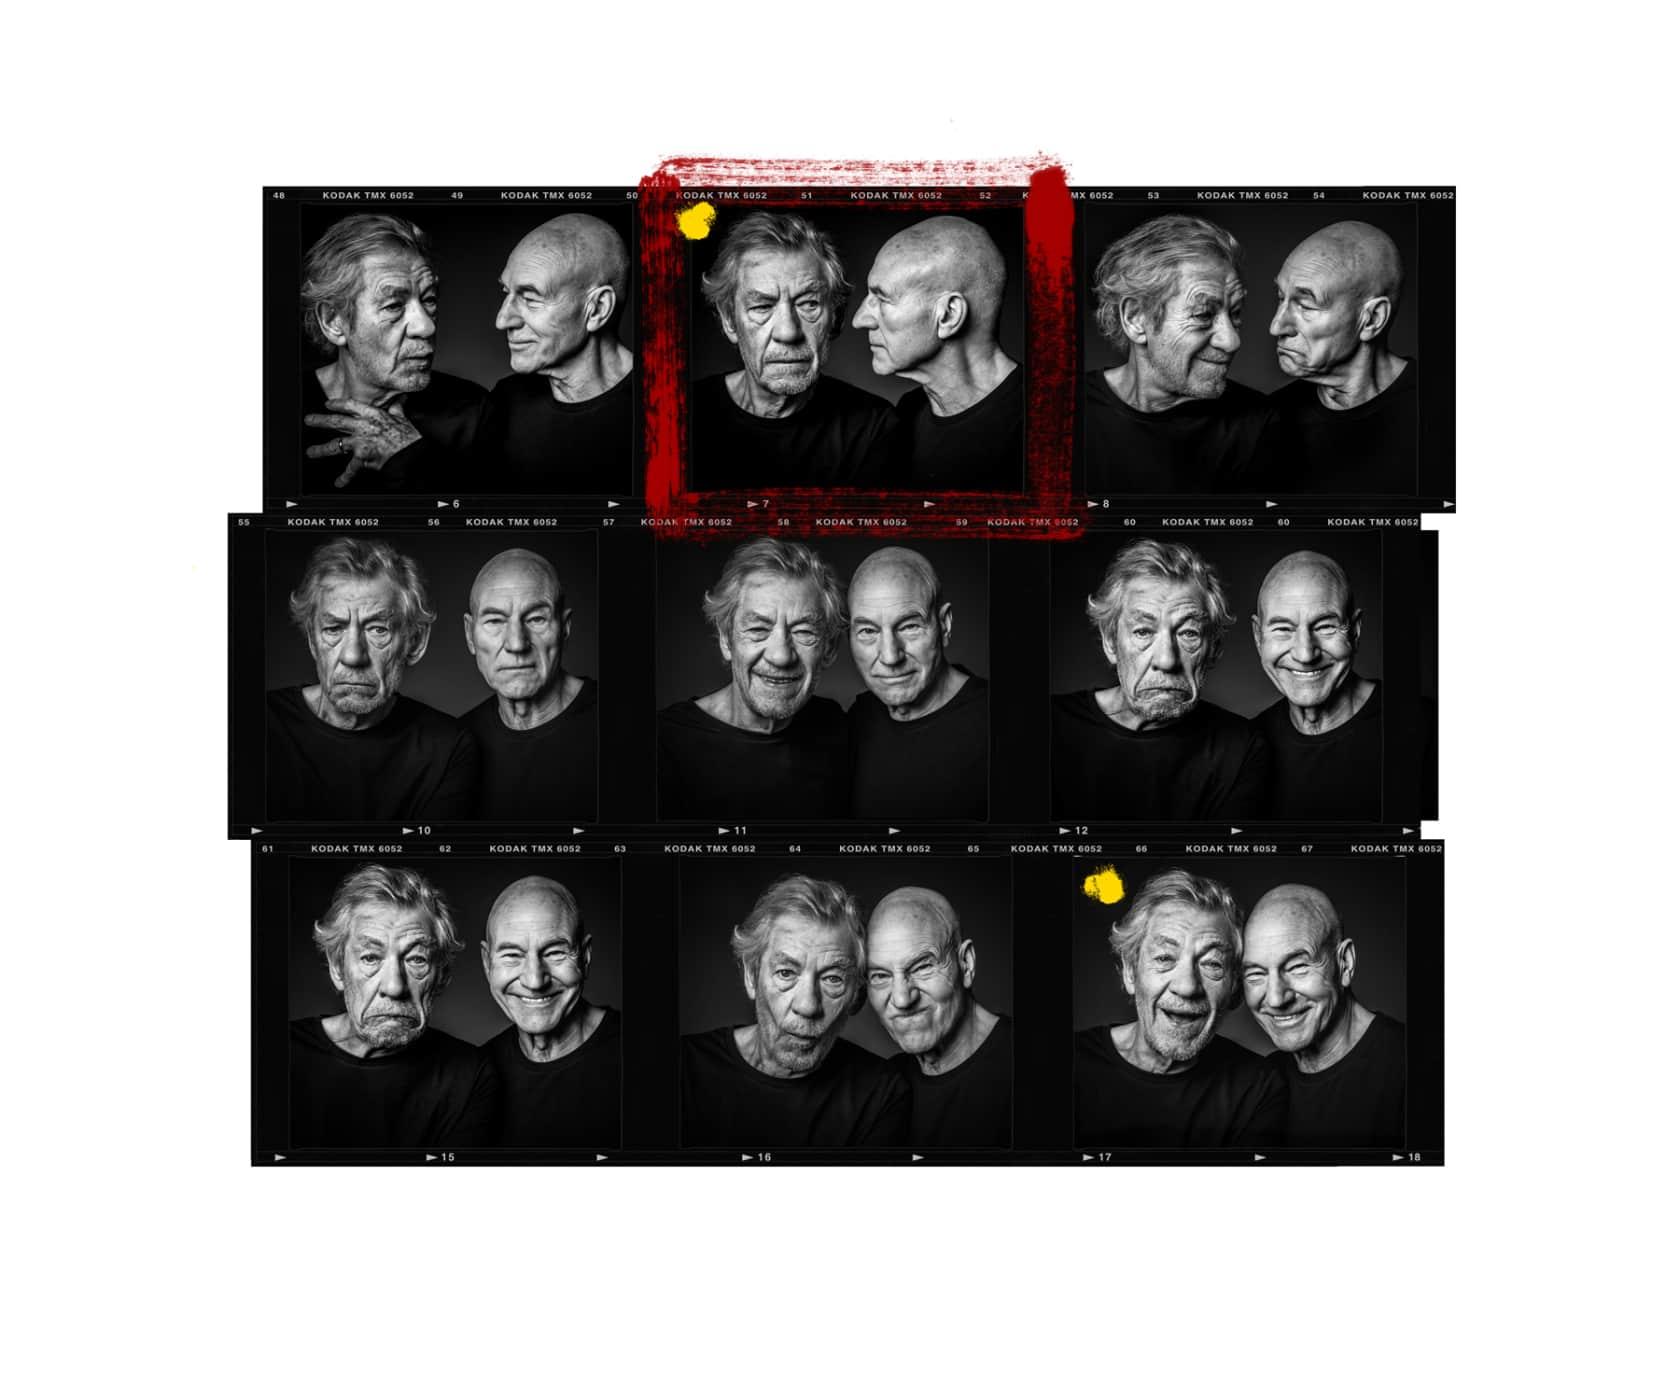 Andy Gotts Ian Mckellen and Patrick Stewart Contact Sheet Fine Art Giclée Archival Print